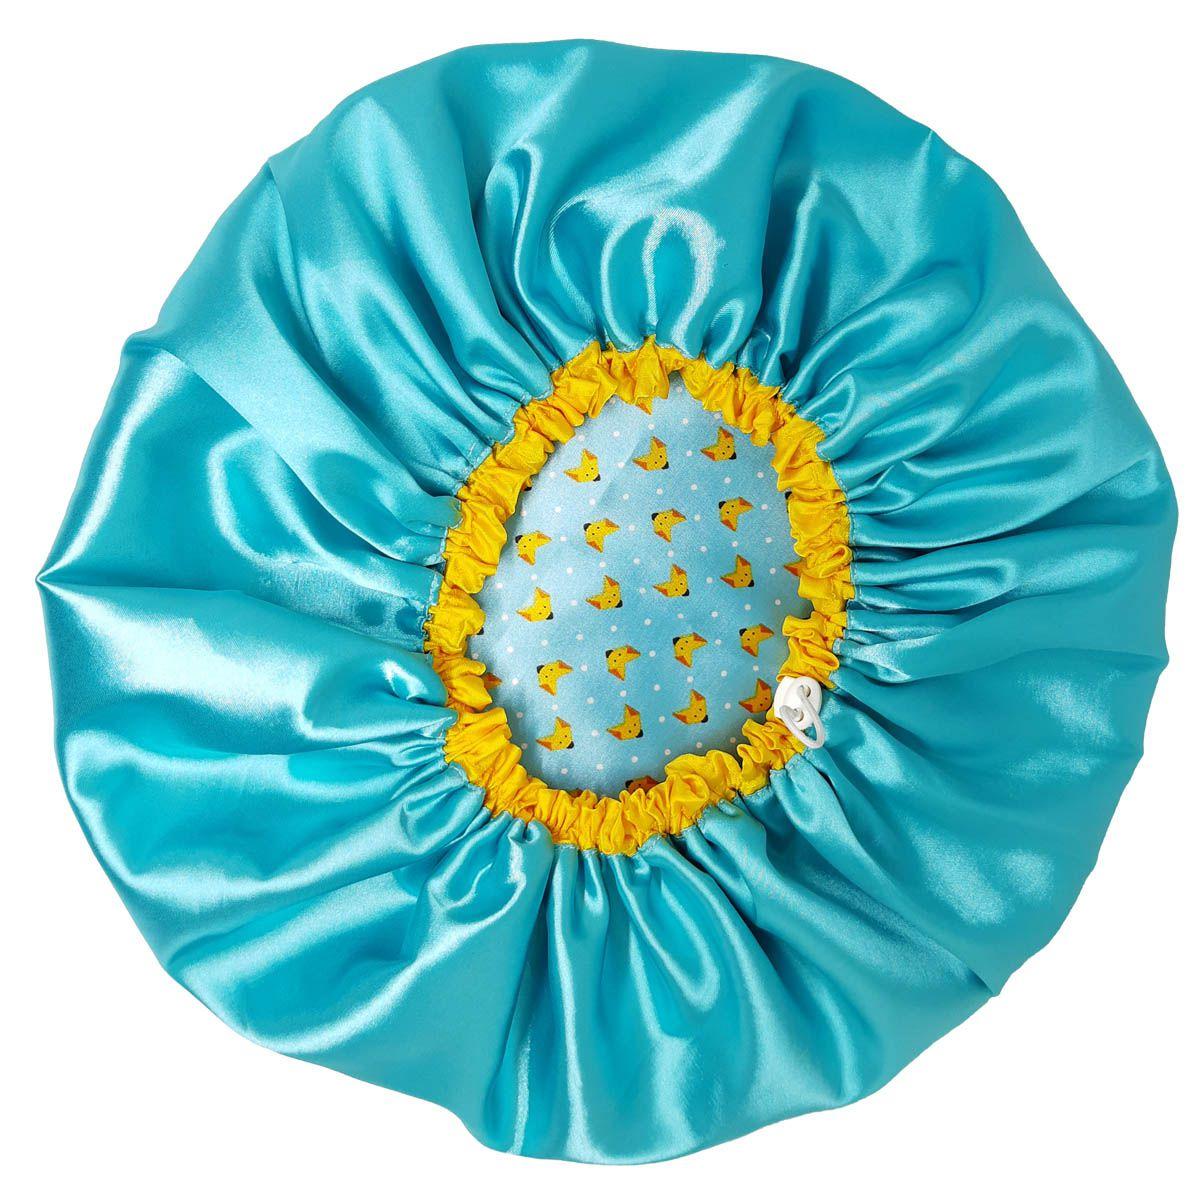 Touca de Cetim - Dupla com Regulagem - Azul com Amarelo Raposinha